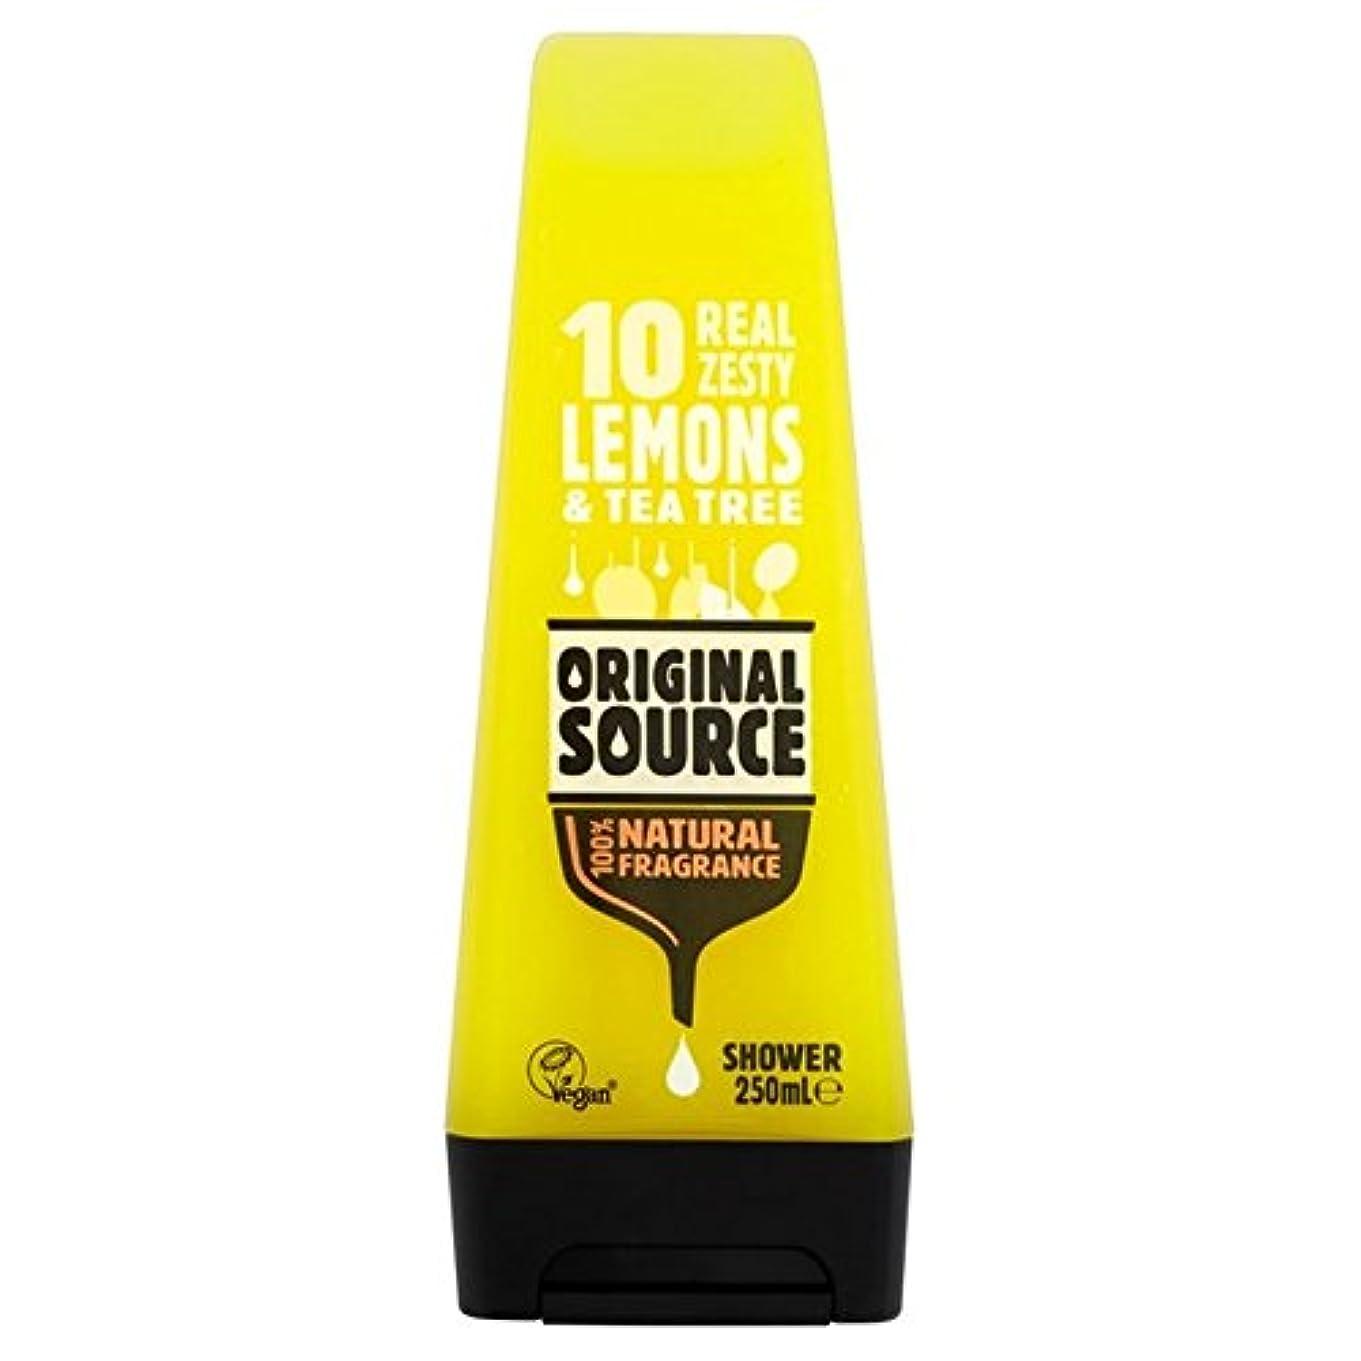 昼寝ローズ夜間元のソースのレモンシャワージェル250ミリリットル x4 - Original Source Lemon Shower Gel 250ml (Pack of 4) [並行輸入品]